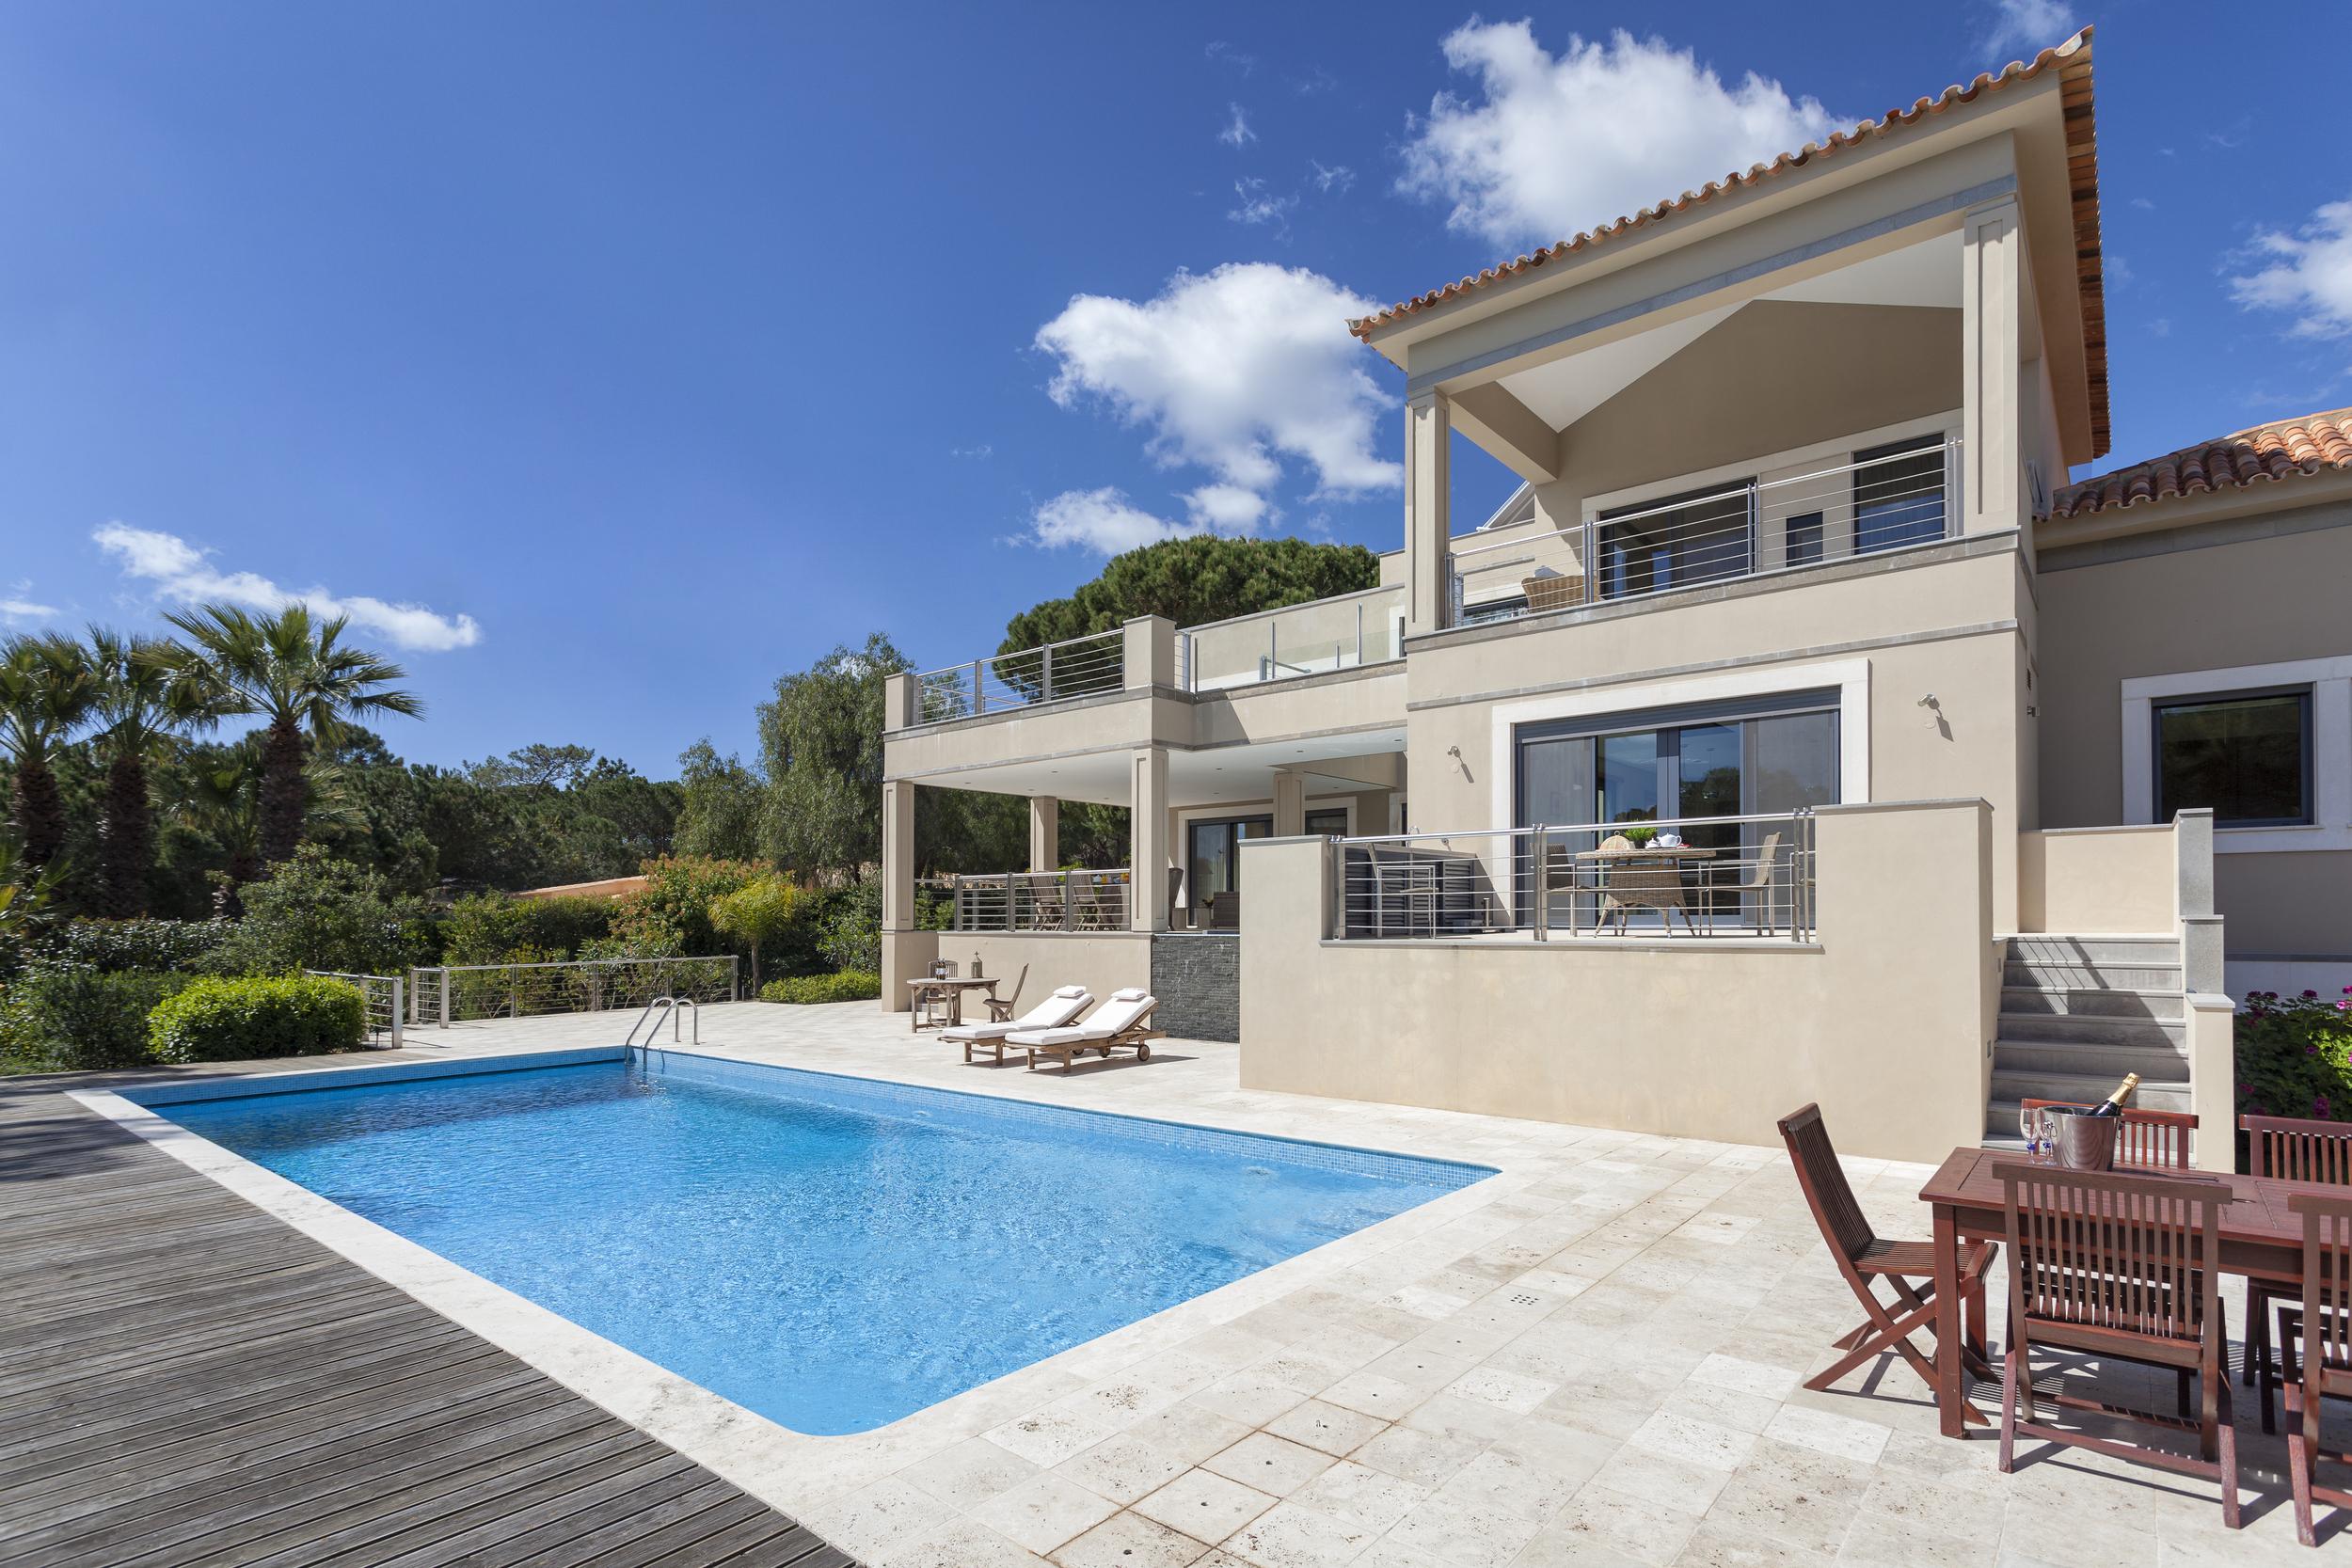 4 bedroom villa to rent in Quinta do Lago, RLV, Villa Serpentine,5.jpg